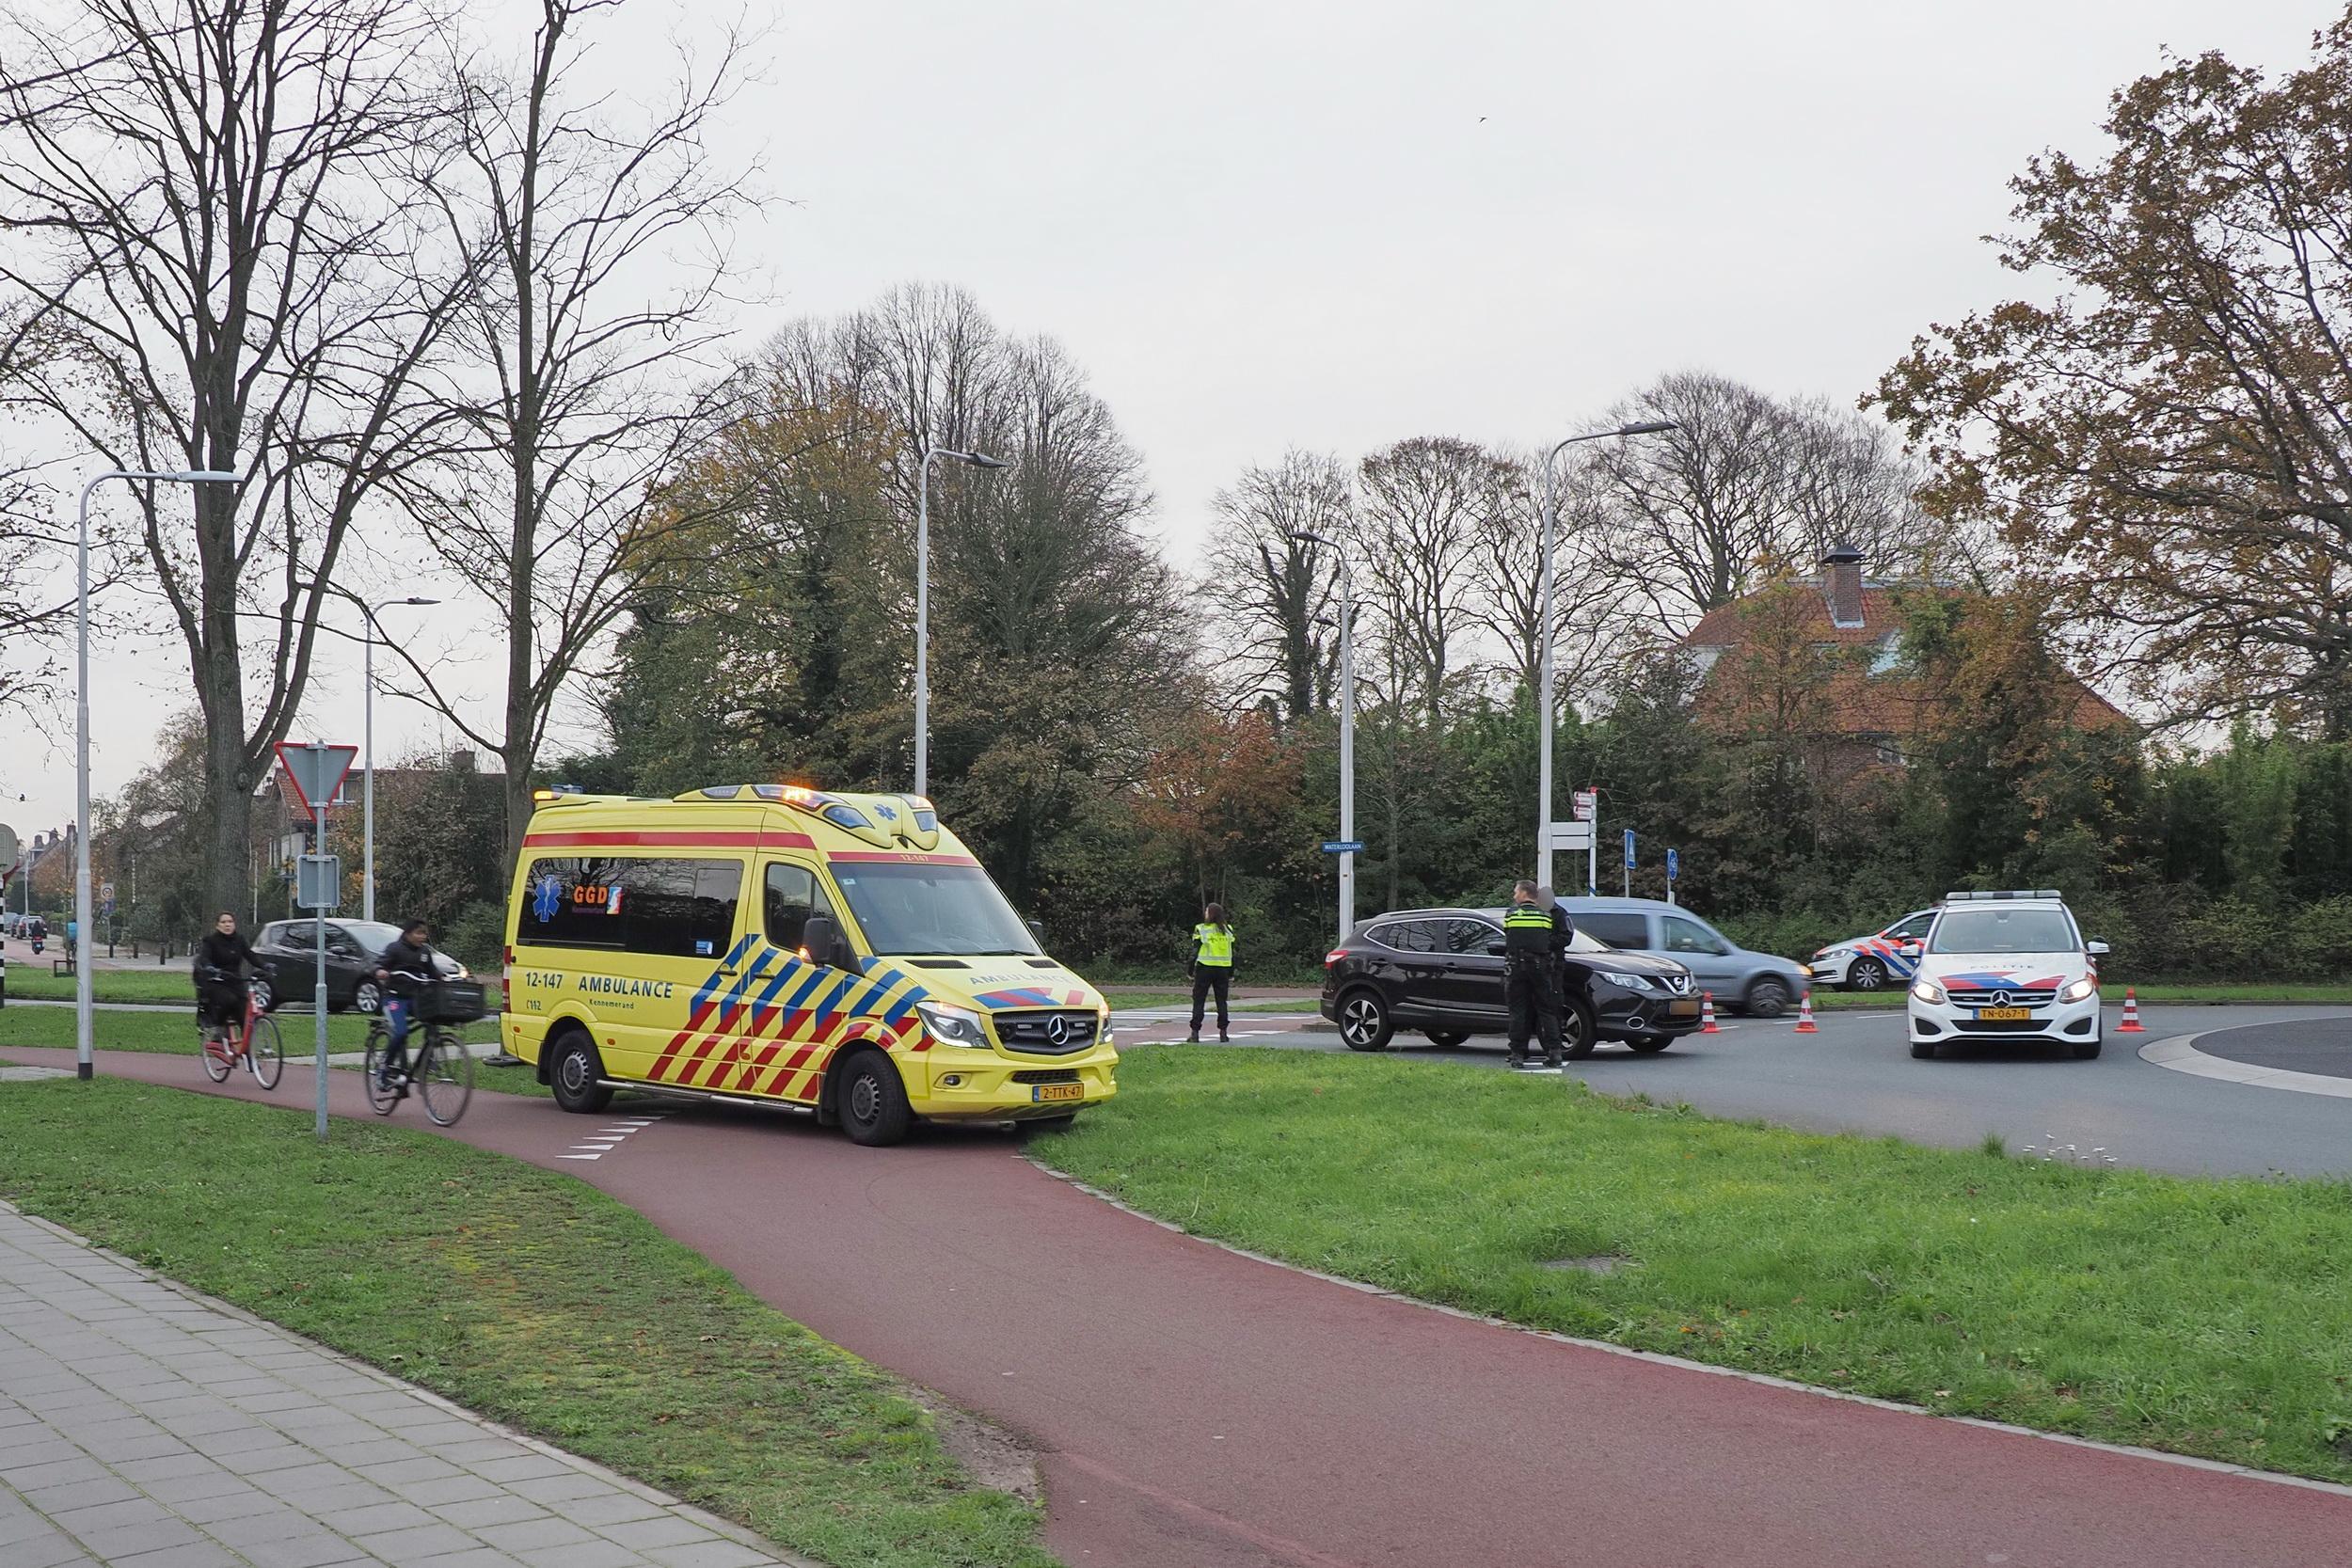 Voor de vijfde keer dit jaar fietser geschept op rotonde in Driehuis: Slachtoffer loopt hoofdwond op